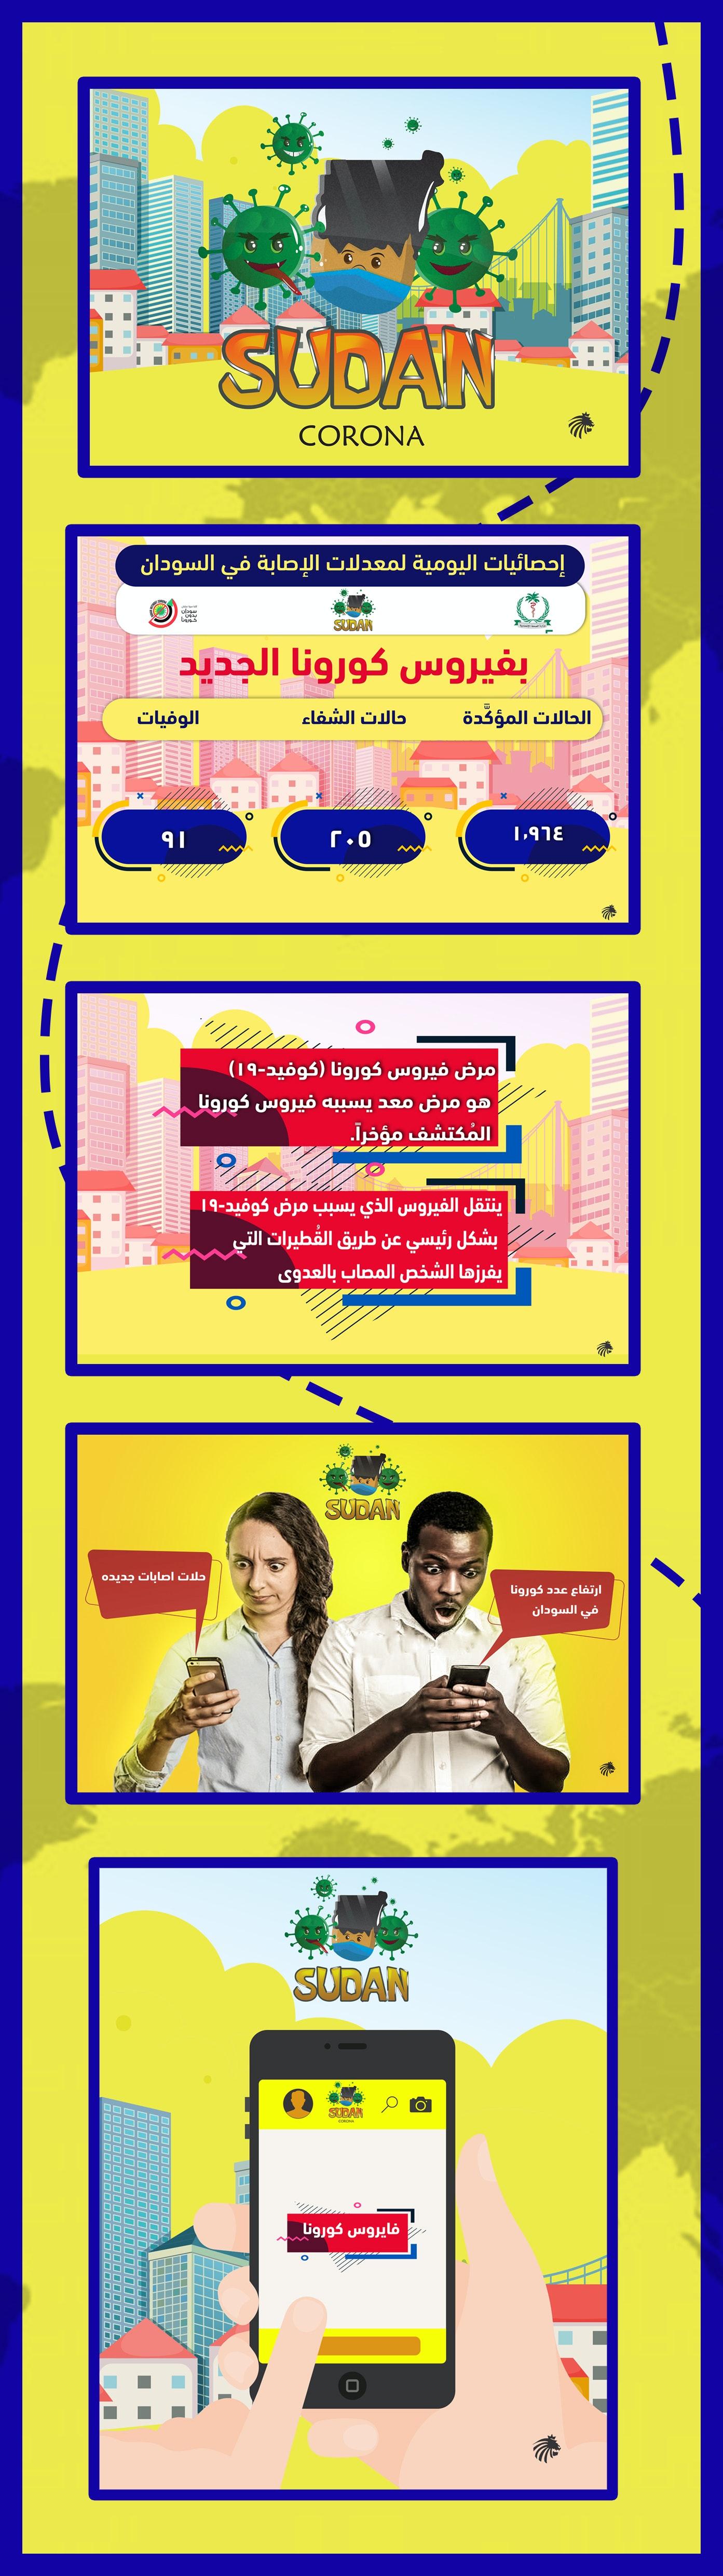 تطبيق احصائات كورنا داخل السودان